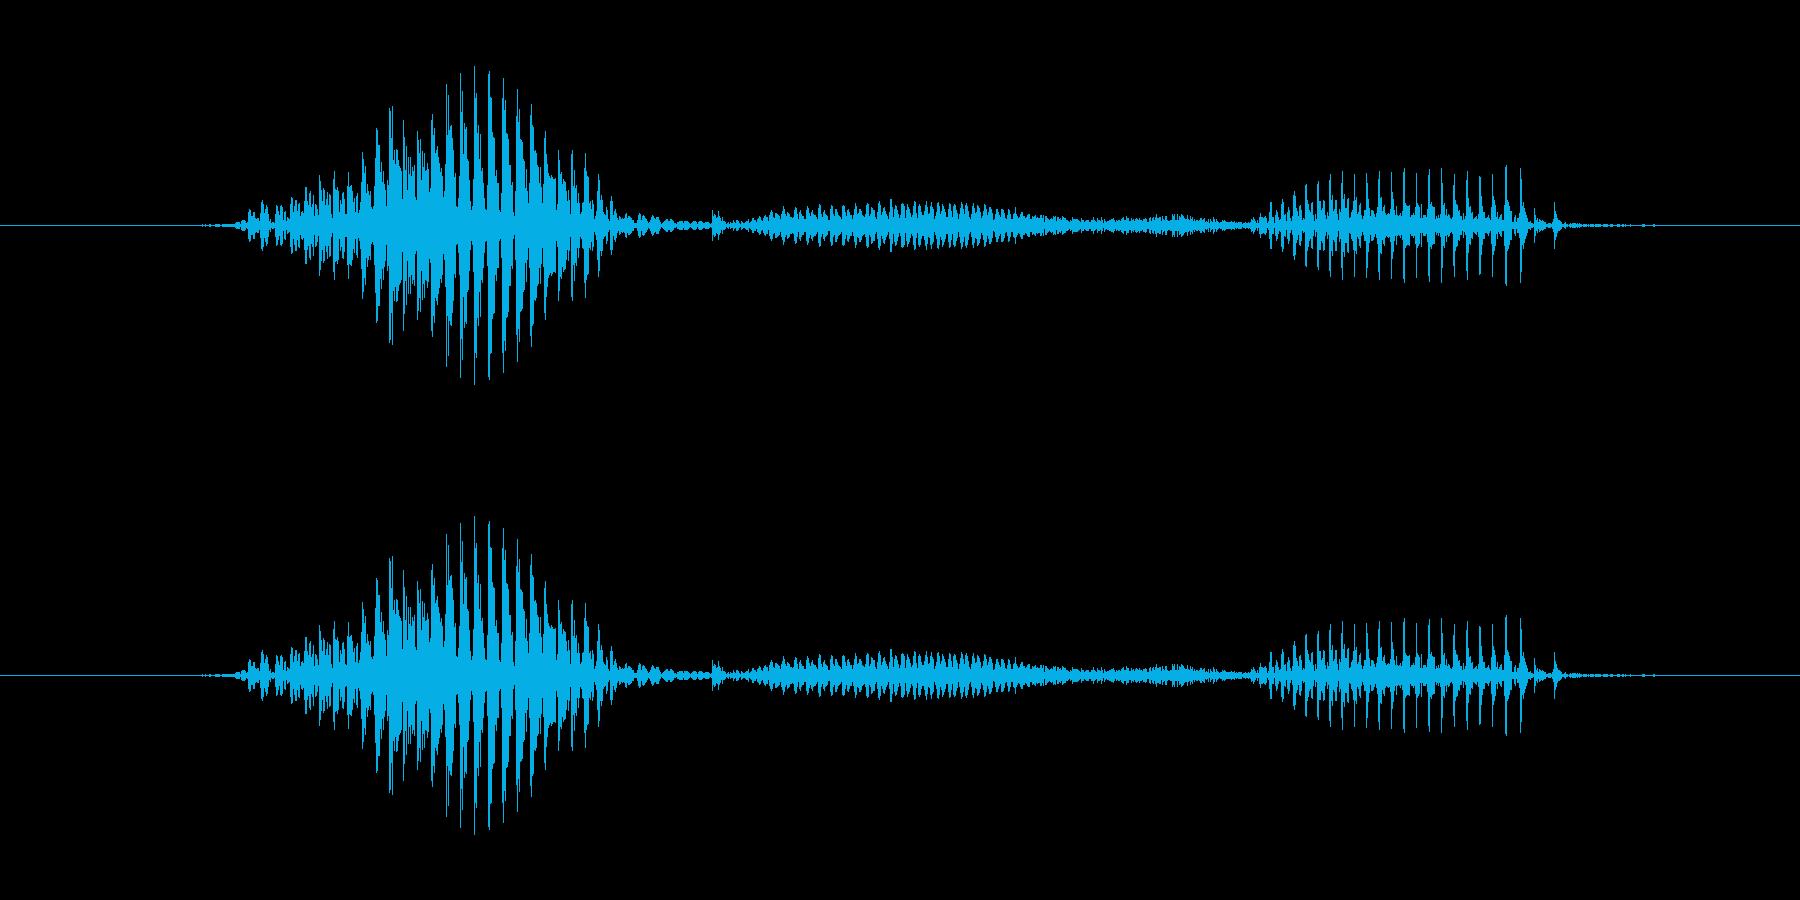 【星座】山羊座の再生済みの波形